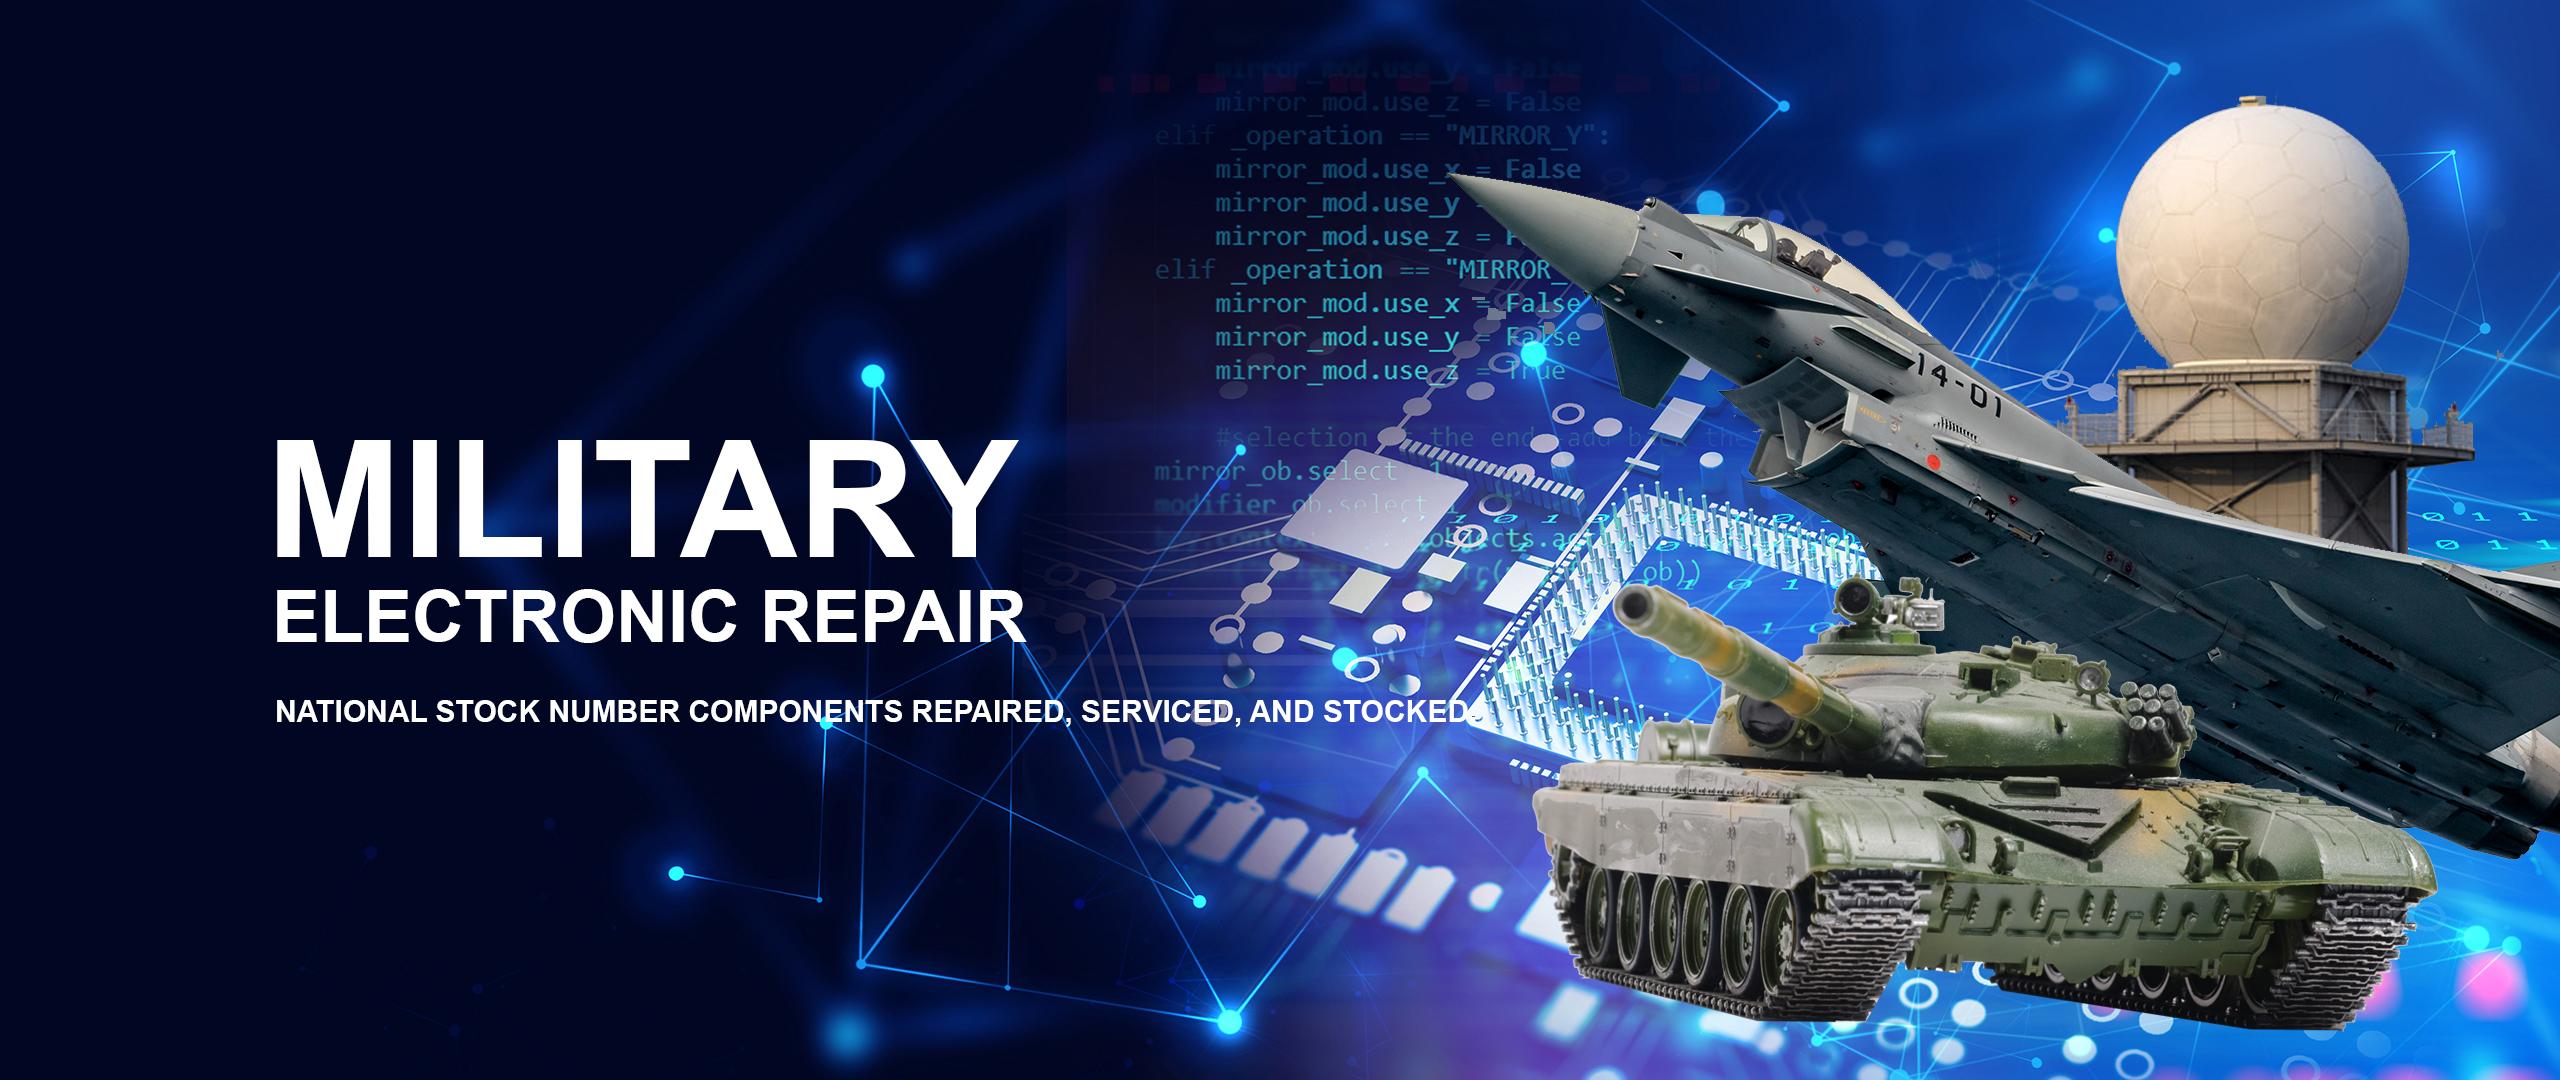 Military Electronic Repair